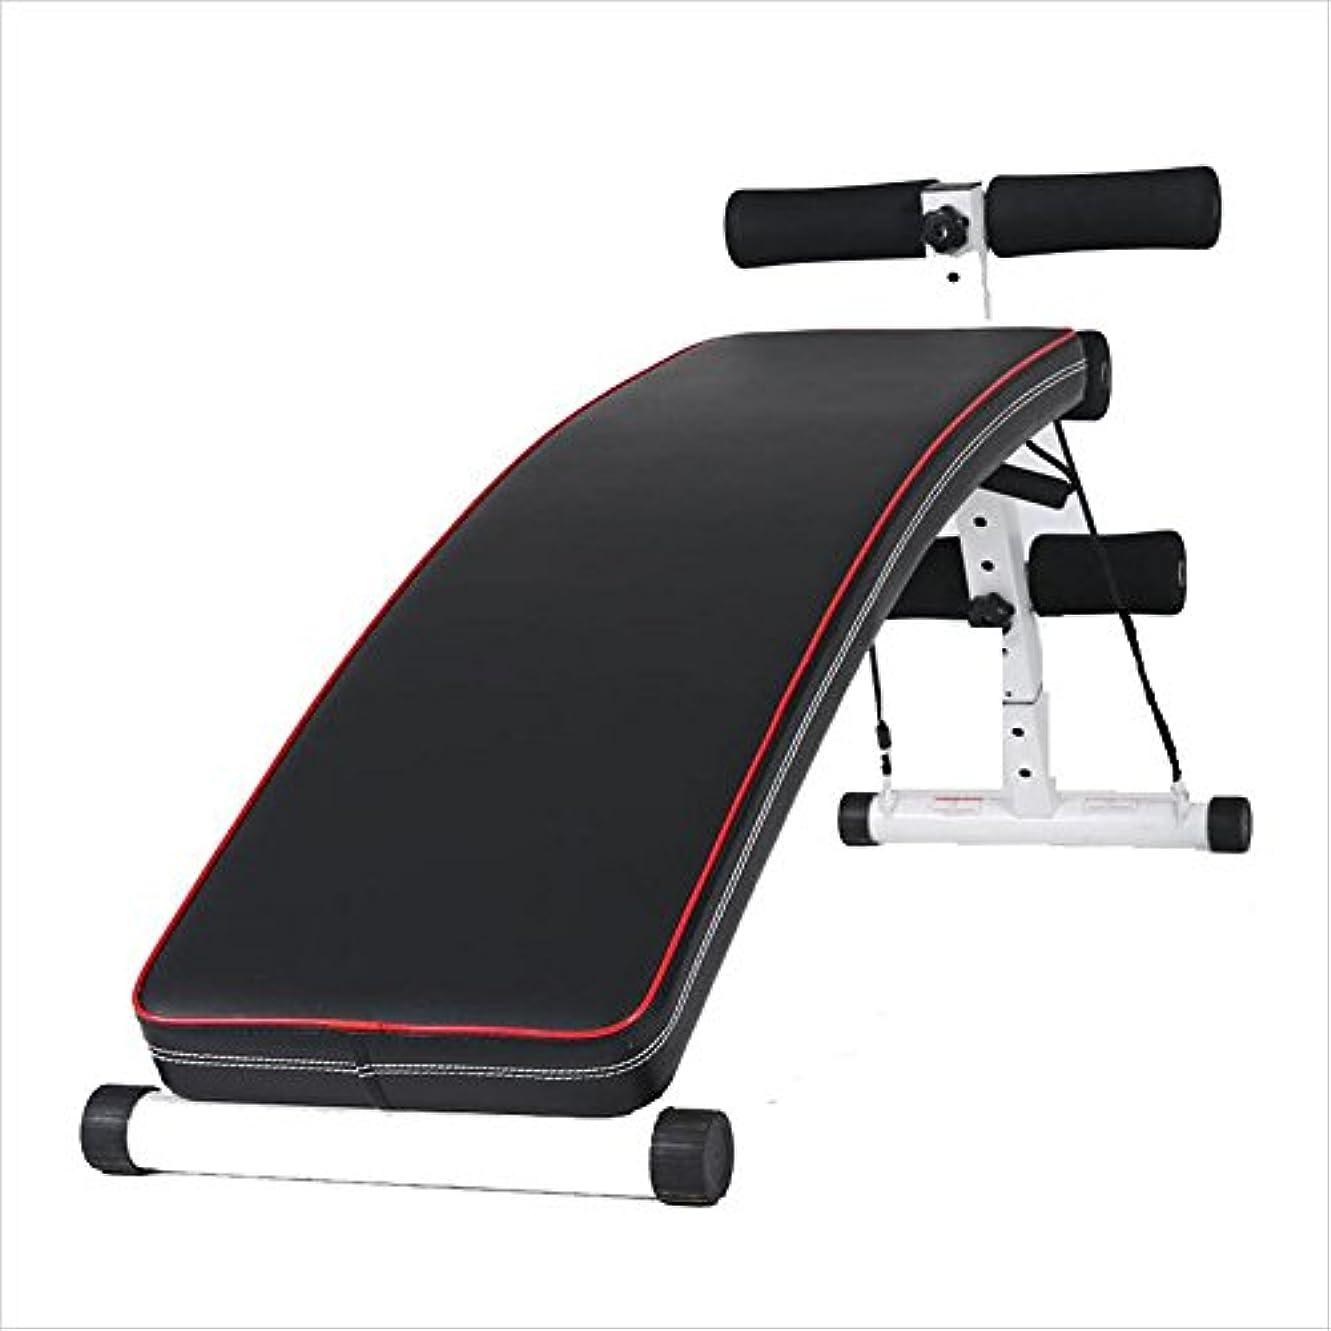 おじいちゃん世論調査一部腹筋 健康器具 仰臥ボード腹筋フィットネス機器ホーム腹部多機能腹筋ダンベルベンチ該当するフィットネストレーナーエクササイザ腹筋機